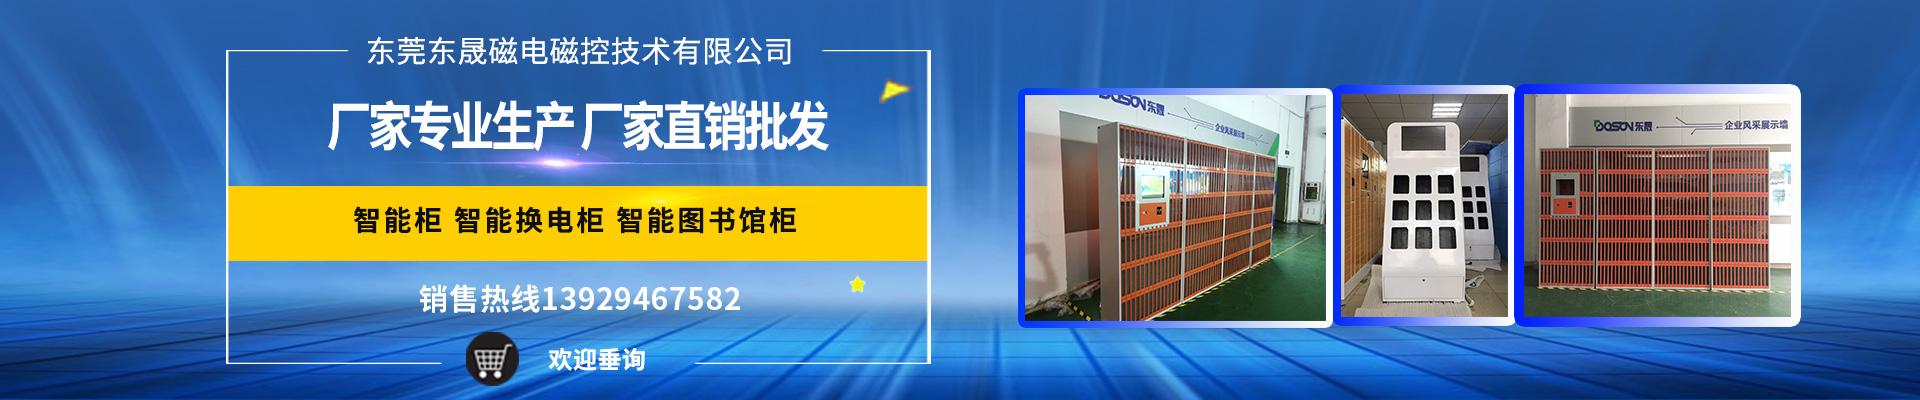 东莞东晟磁电磁控技术有限公司